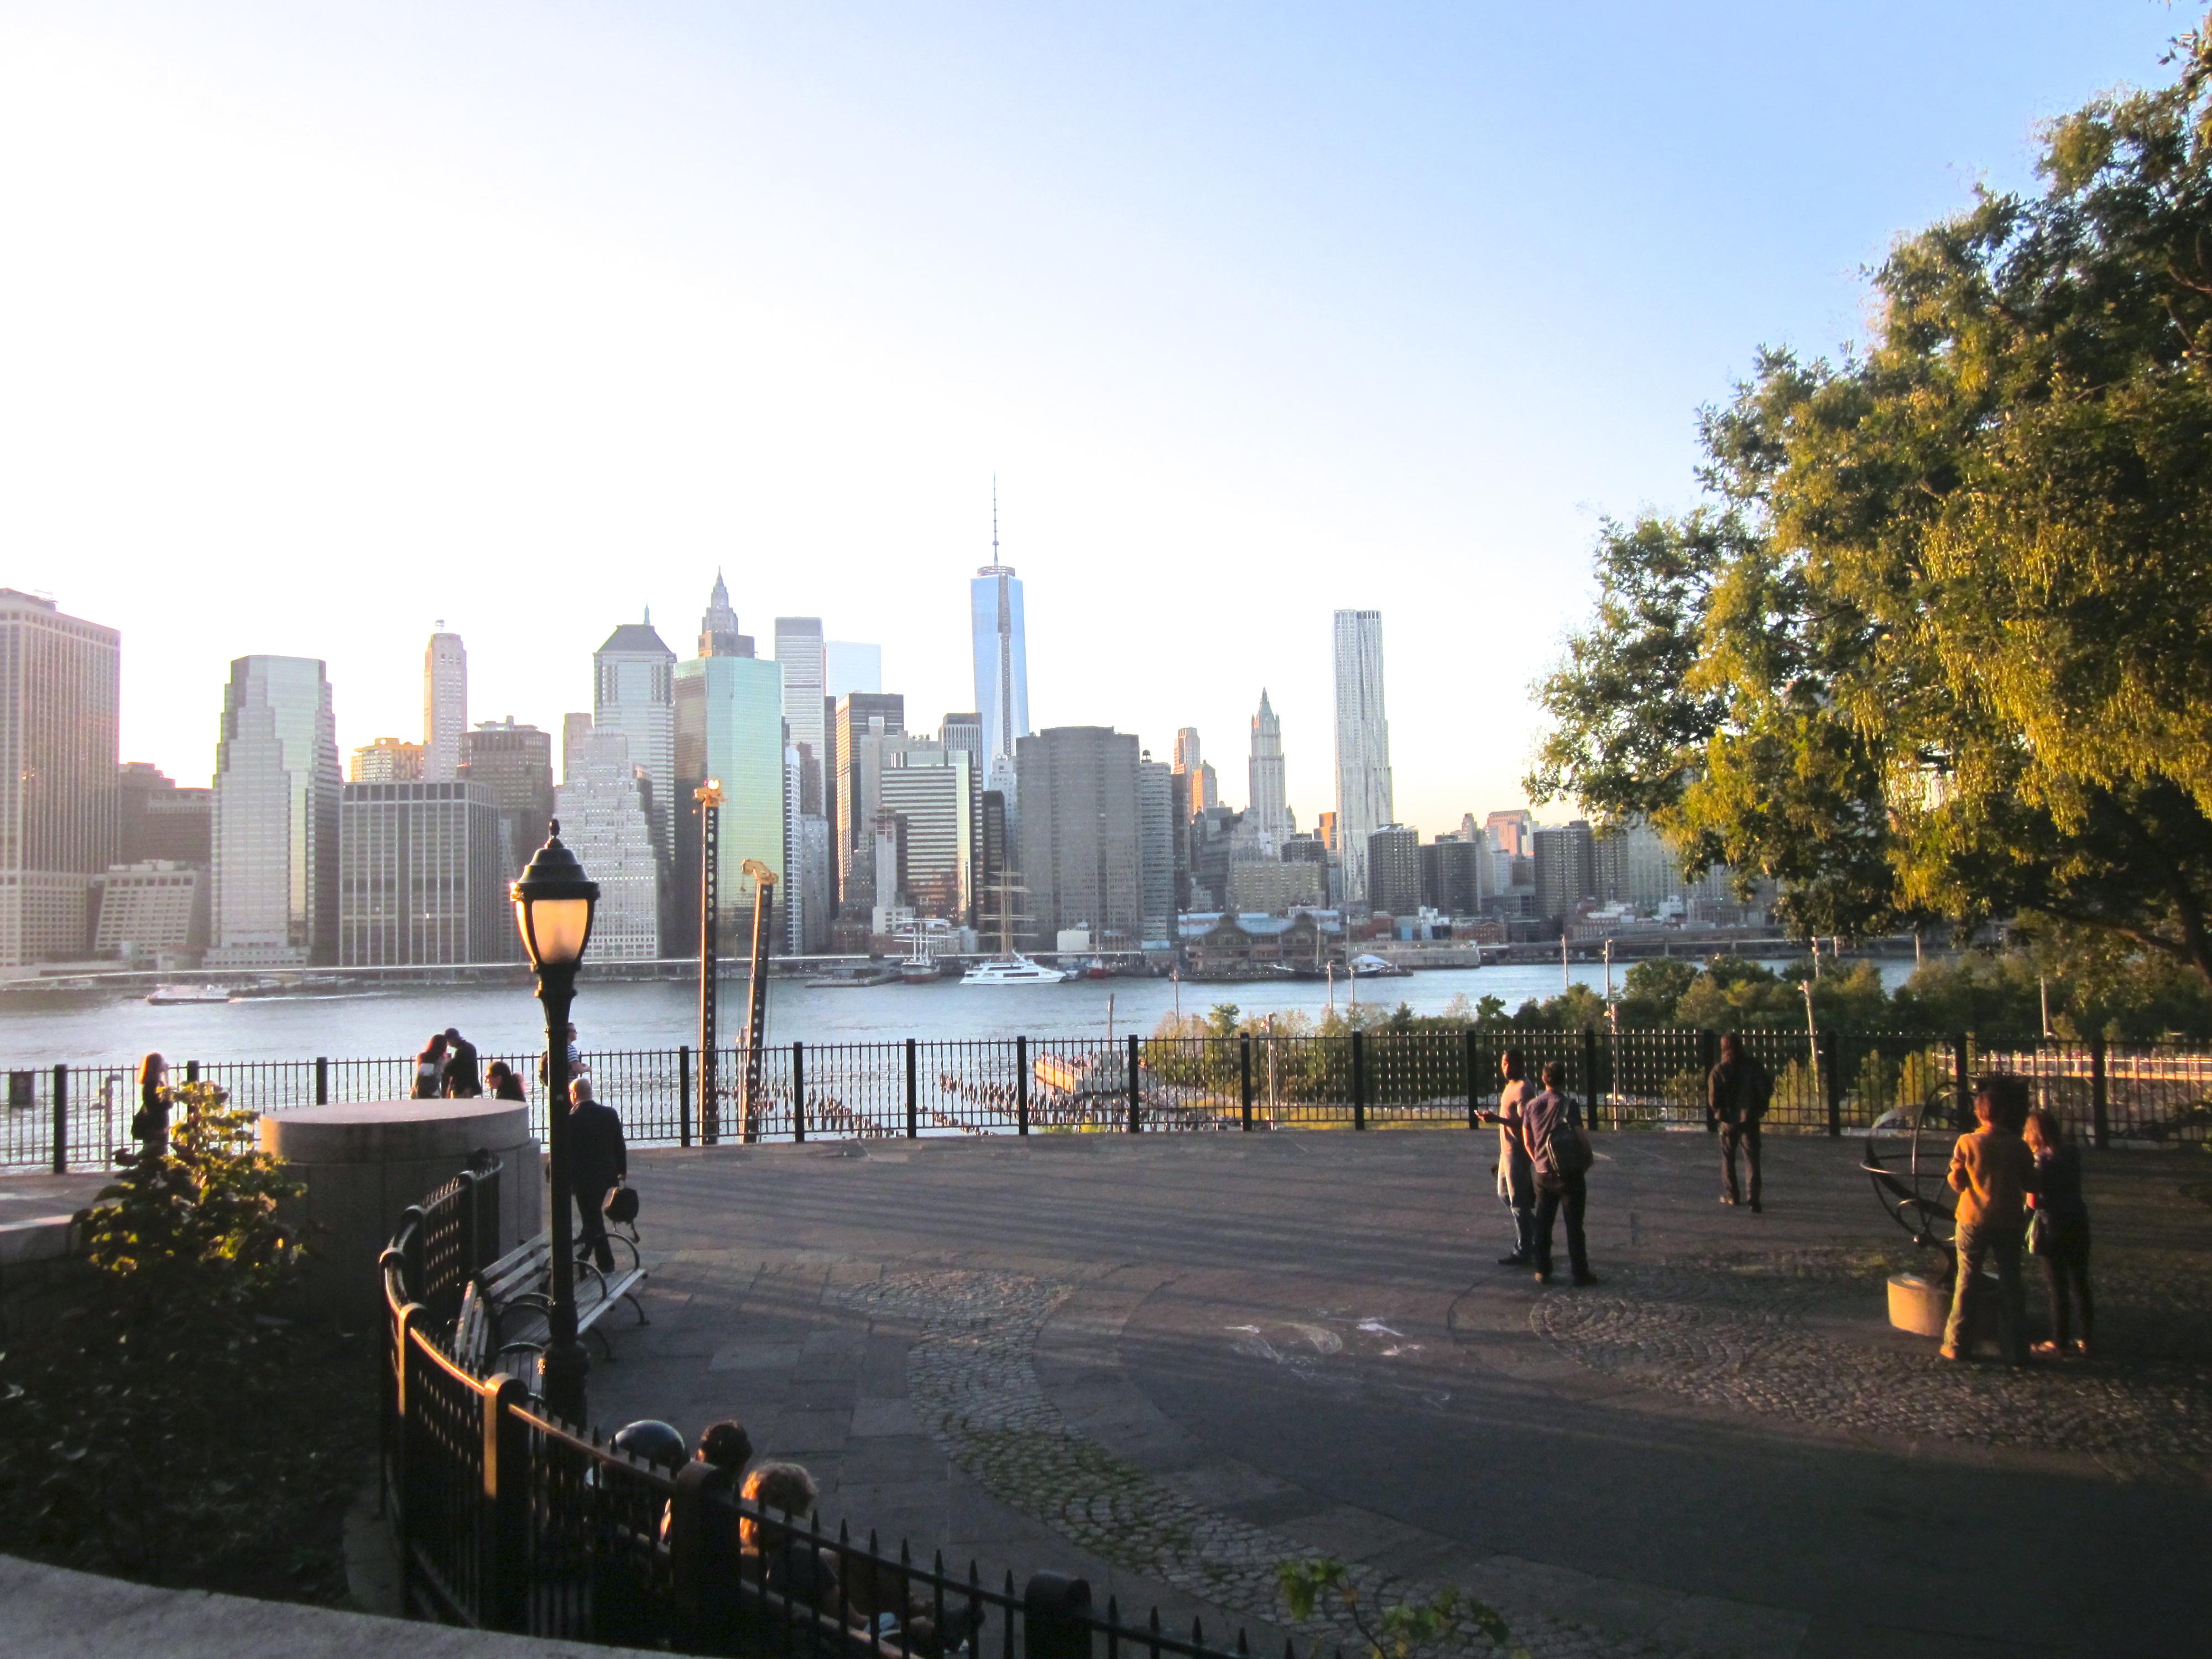 Районы НьюЙорка  Манхэттен Бруклин Бронкс Квинс